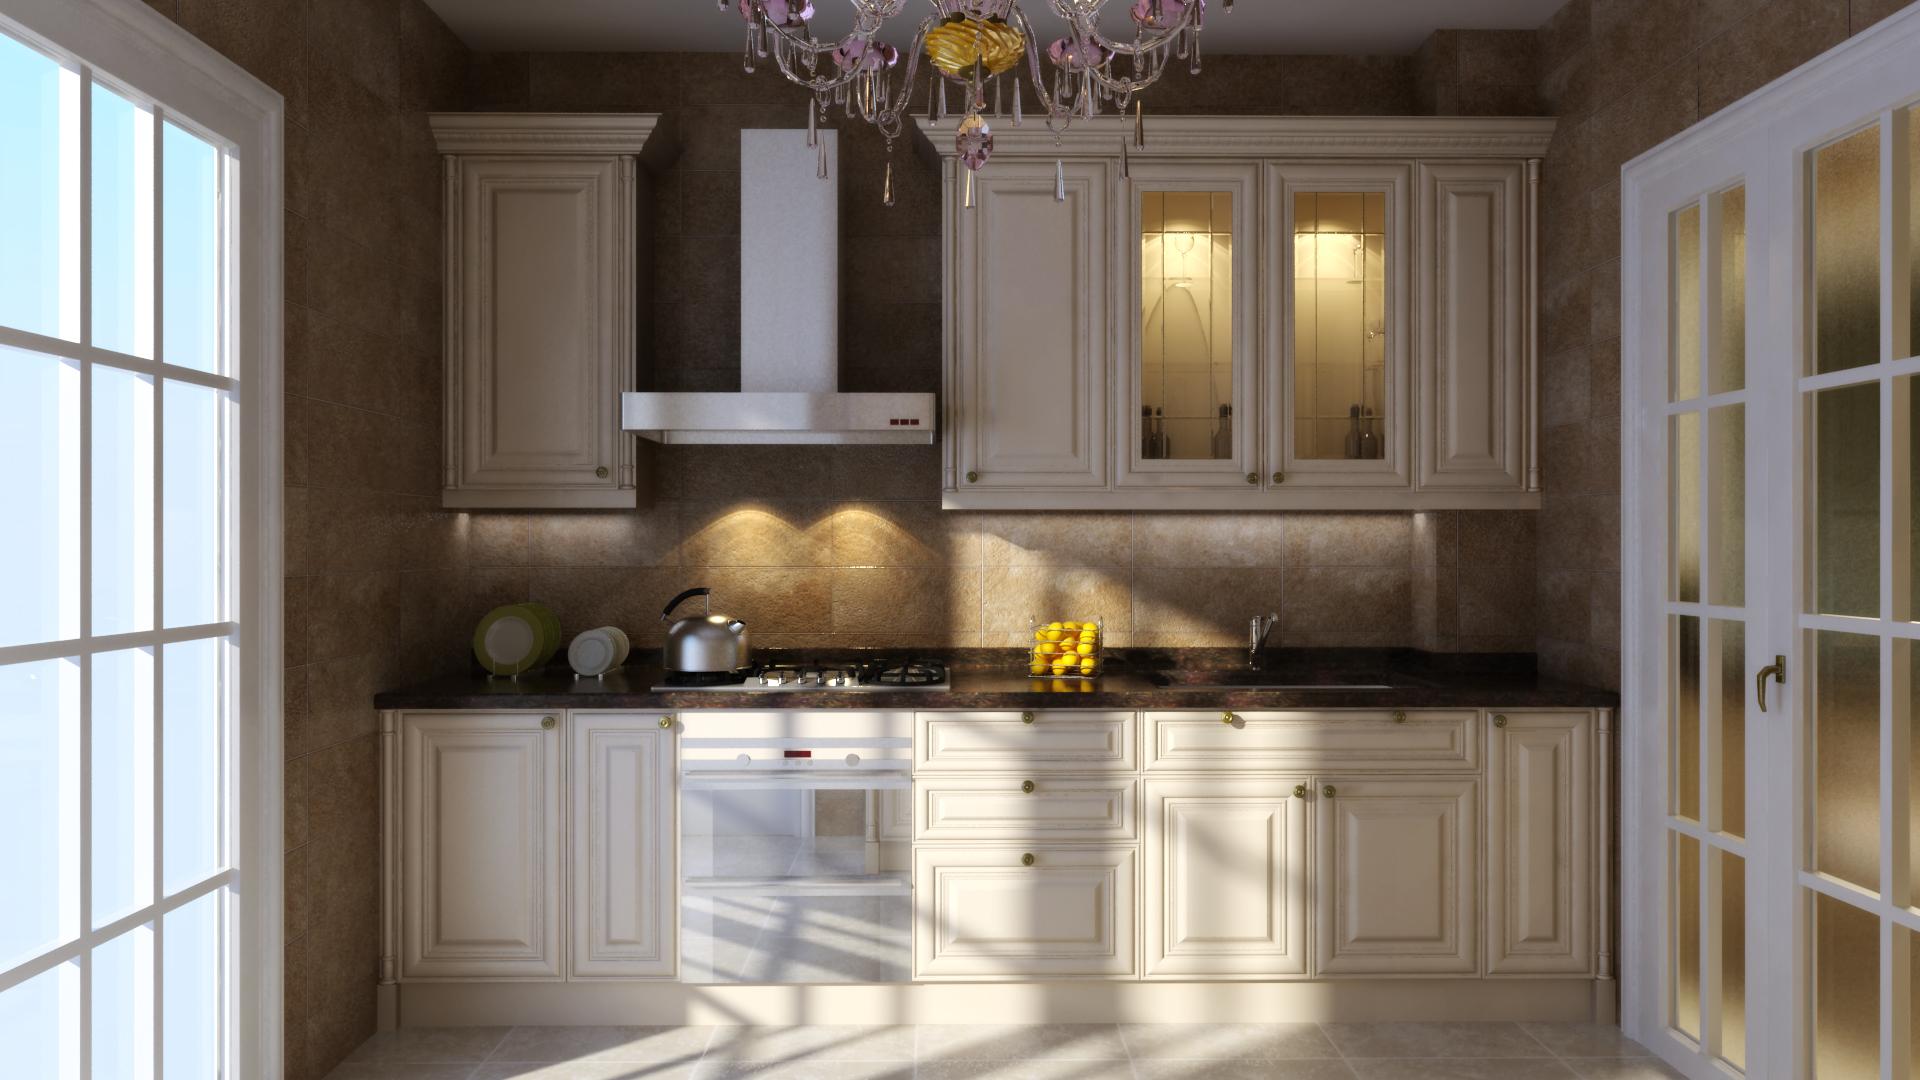 打造完美欧式厨房 欧式厨房效果图欣赏